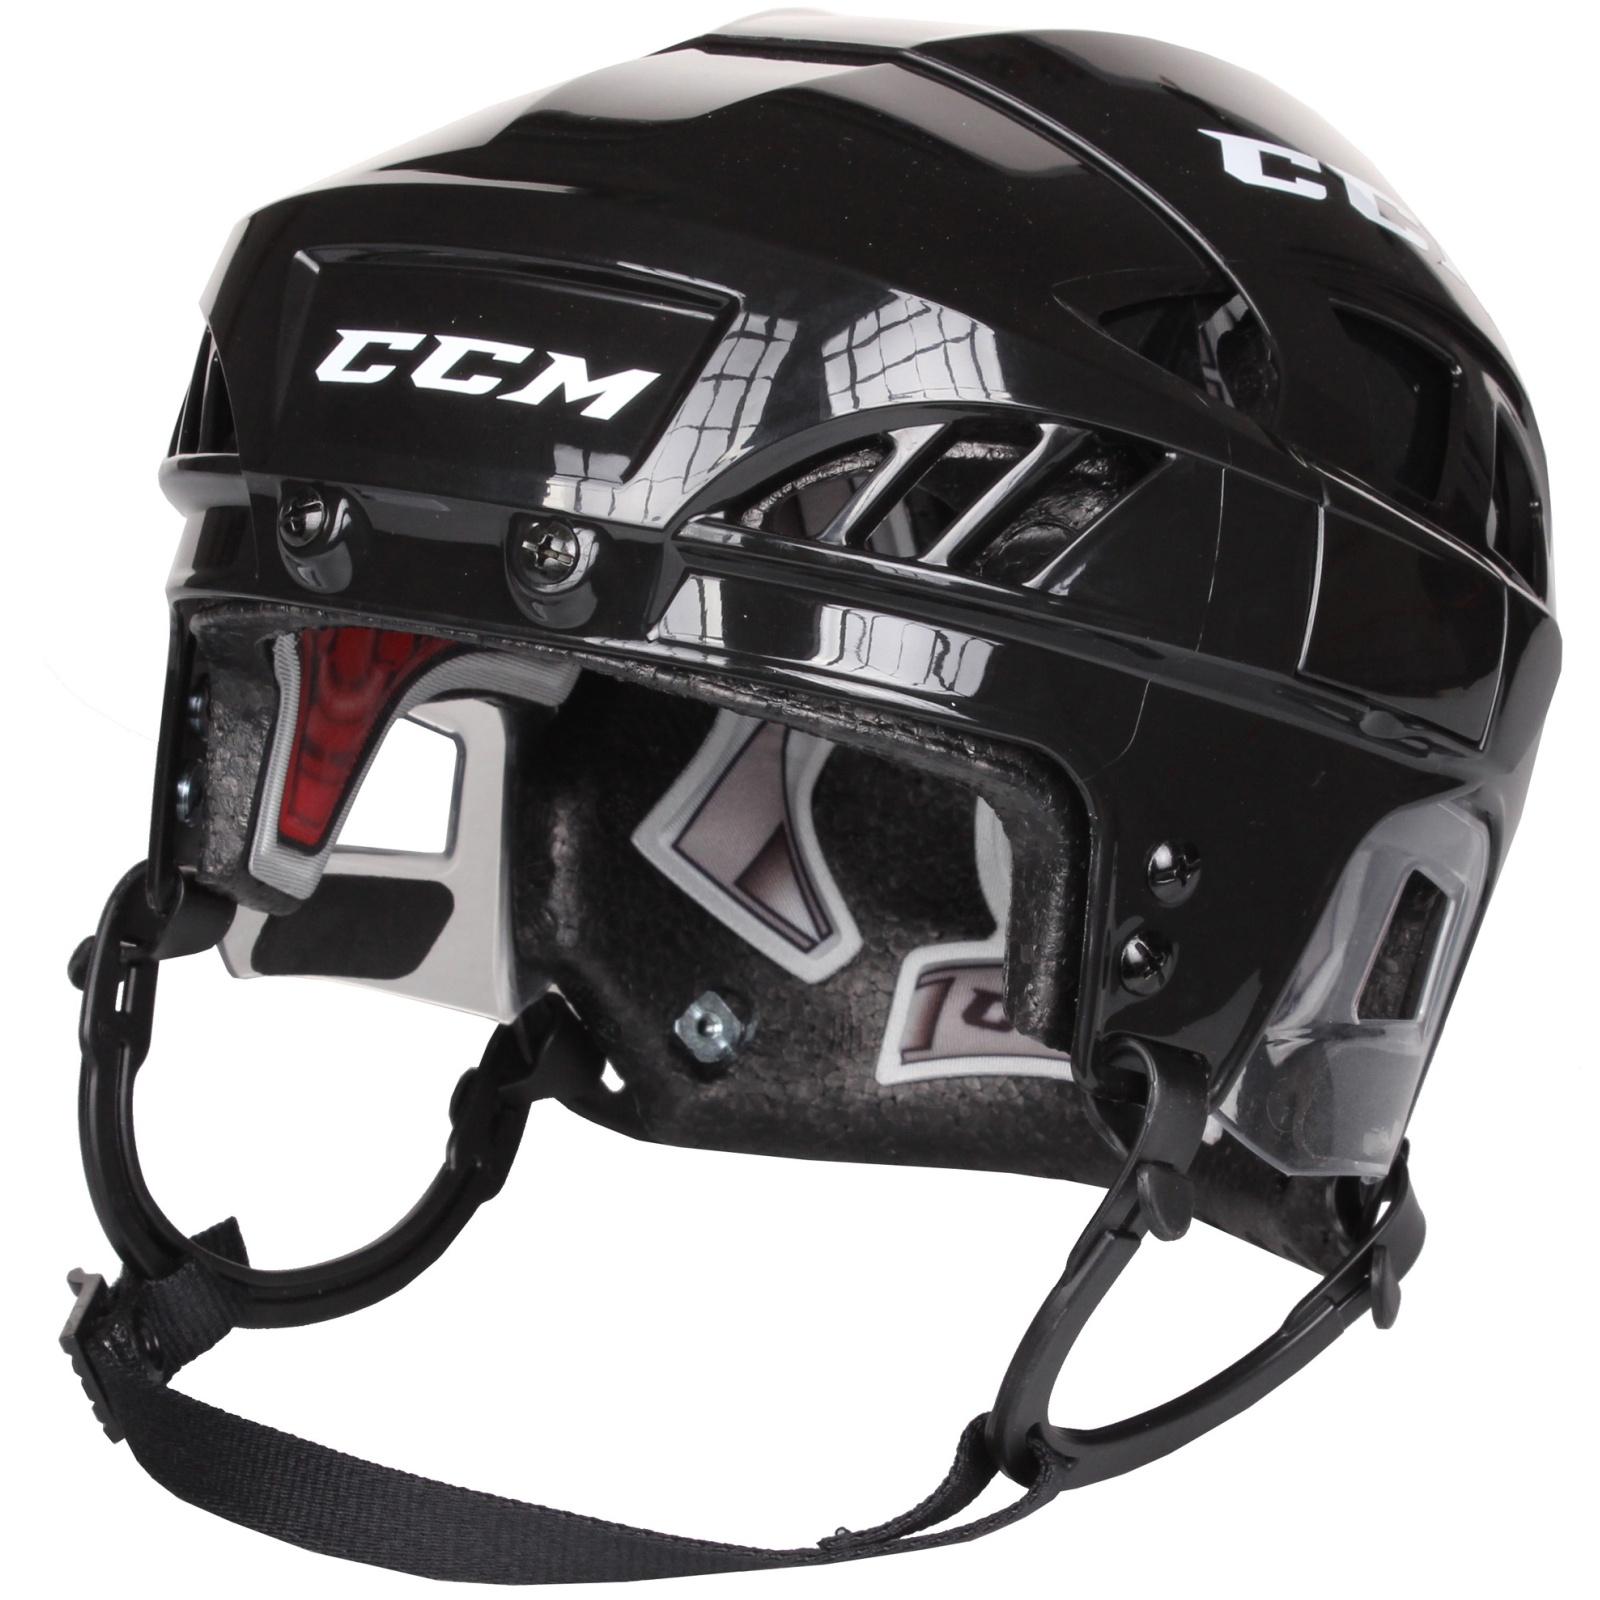 Hokejová helma CCM FitLite 80 černá - vel. L